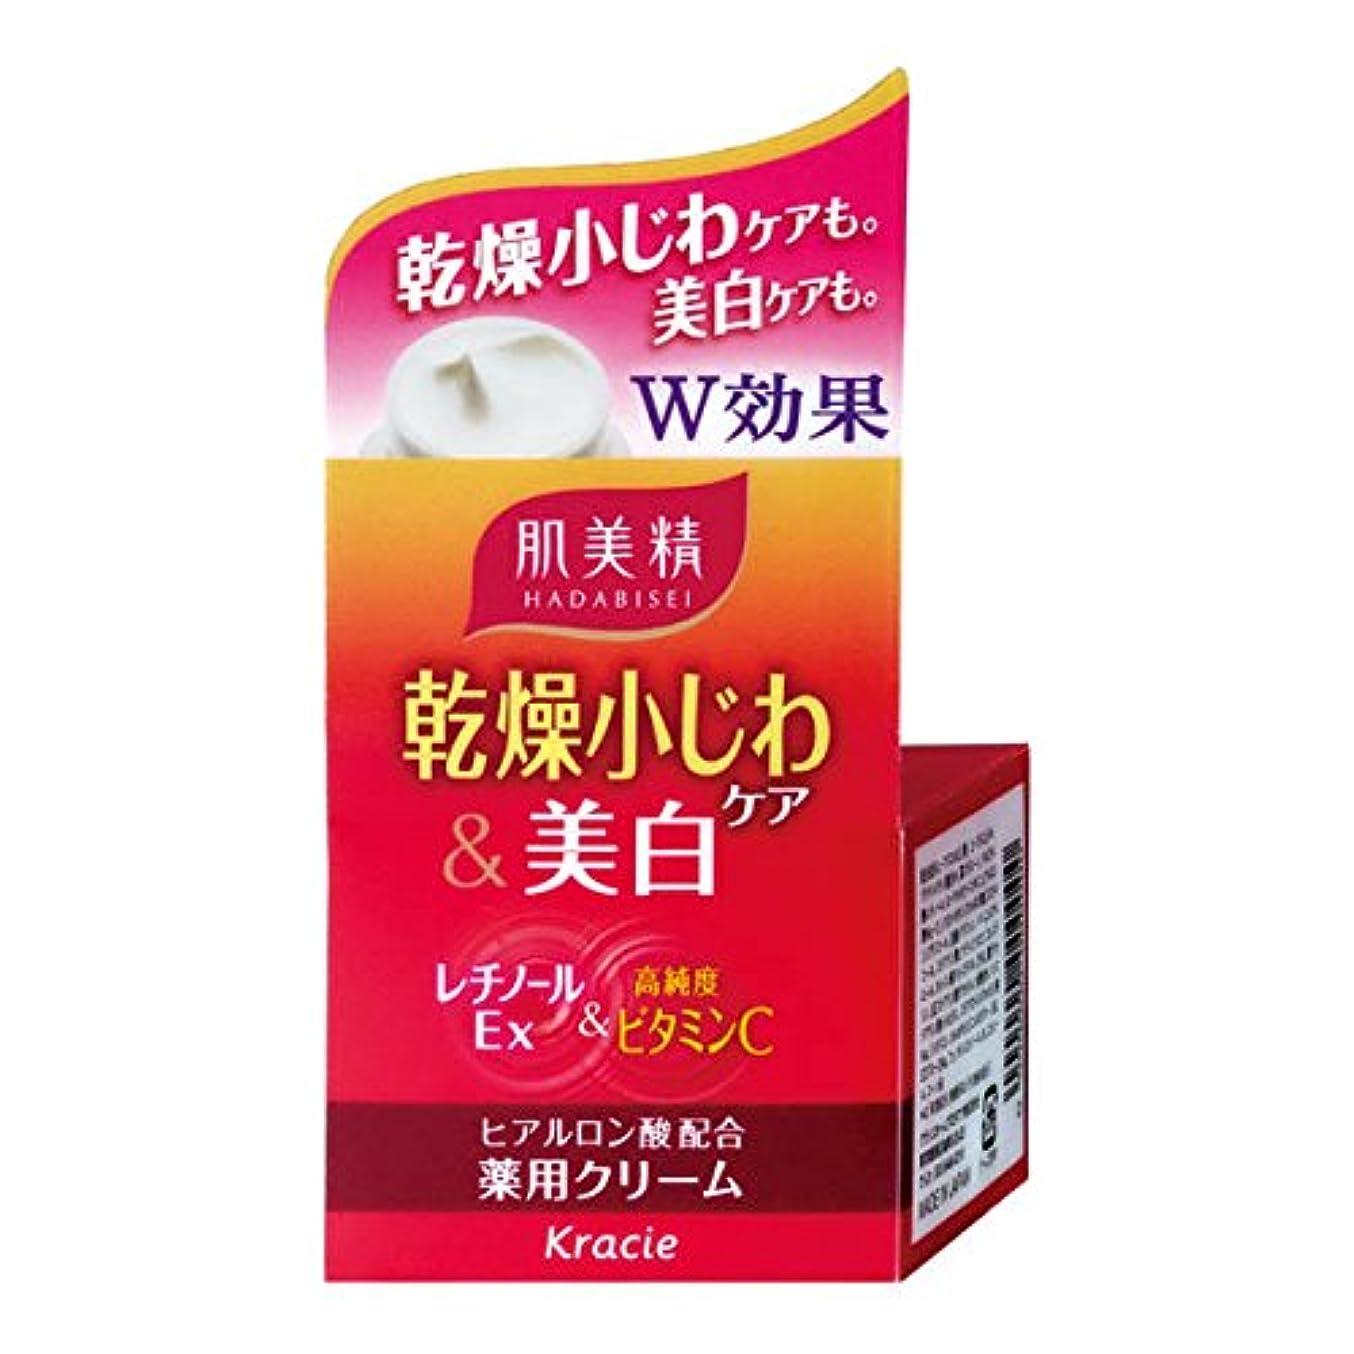 上げる監査神社肌美精 乾燥小じわケア&美白 薬用クリーム 50g 【医薬部外品】